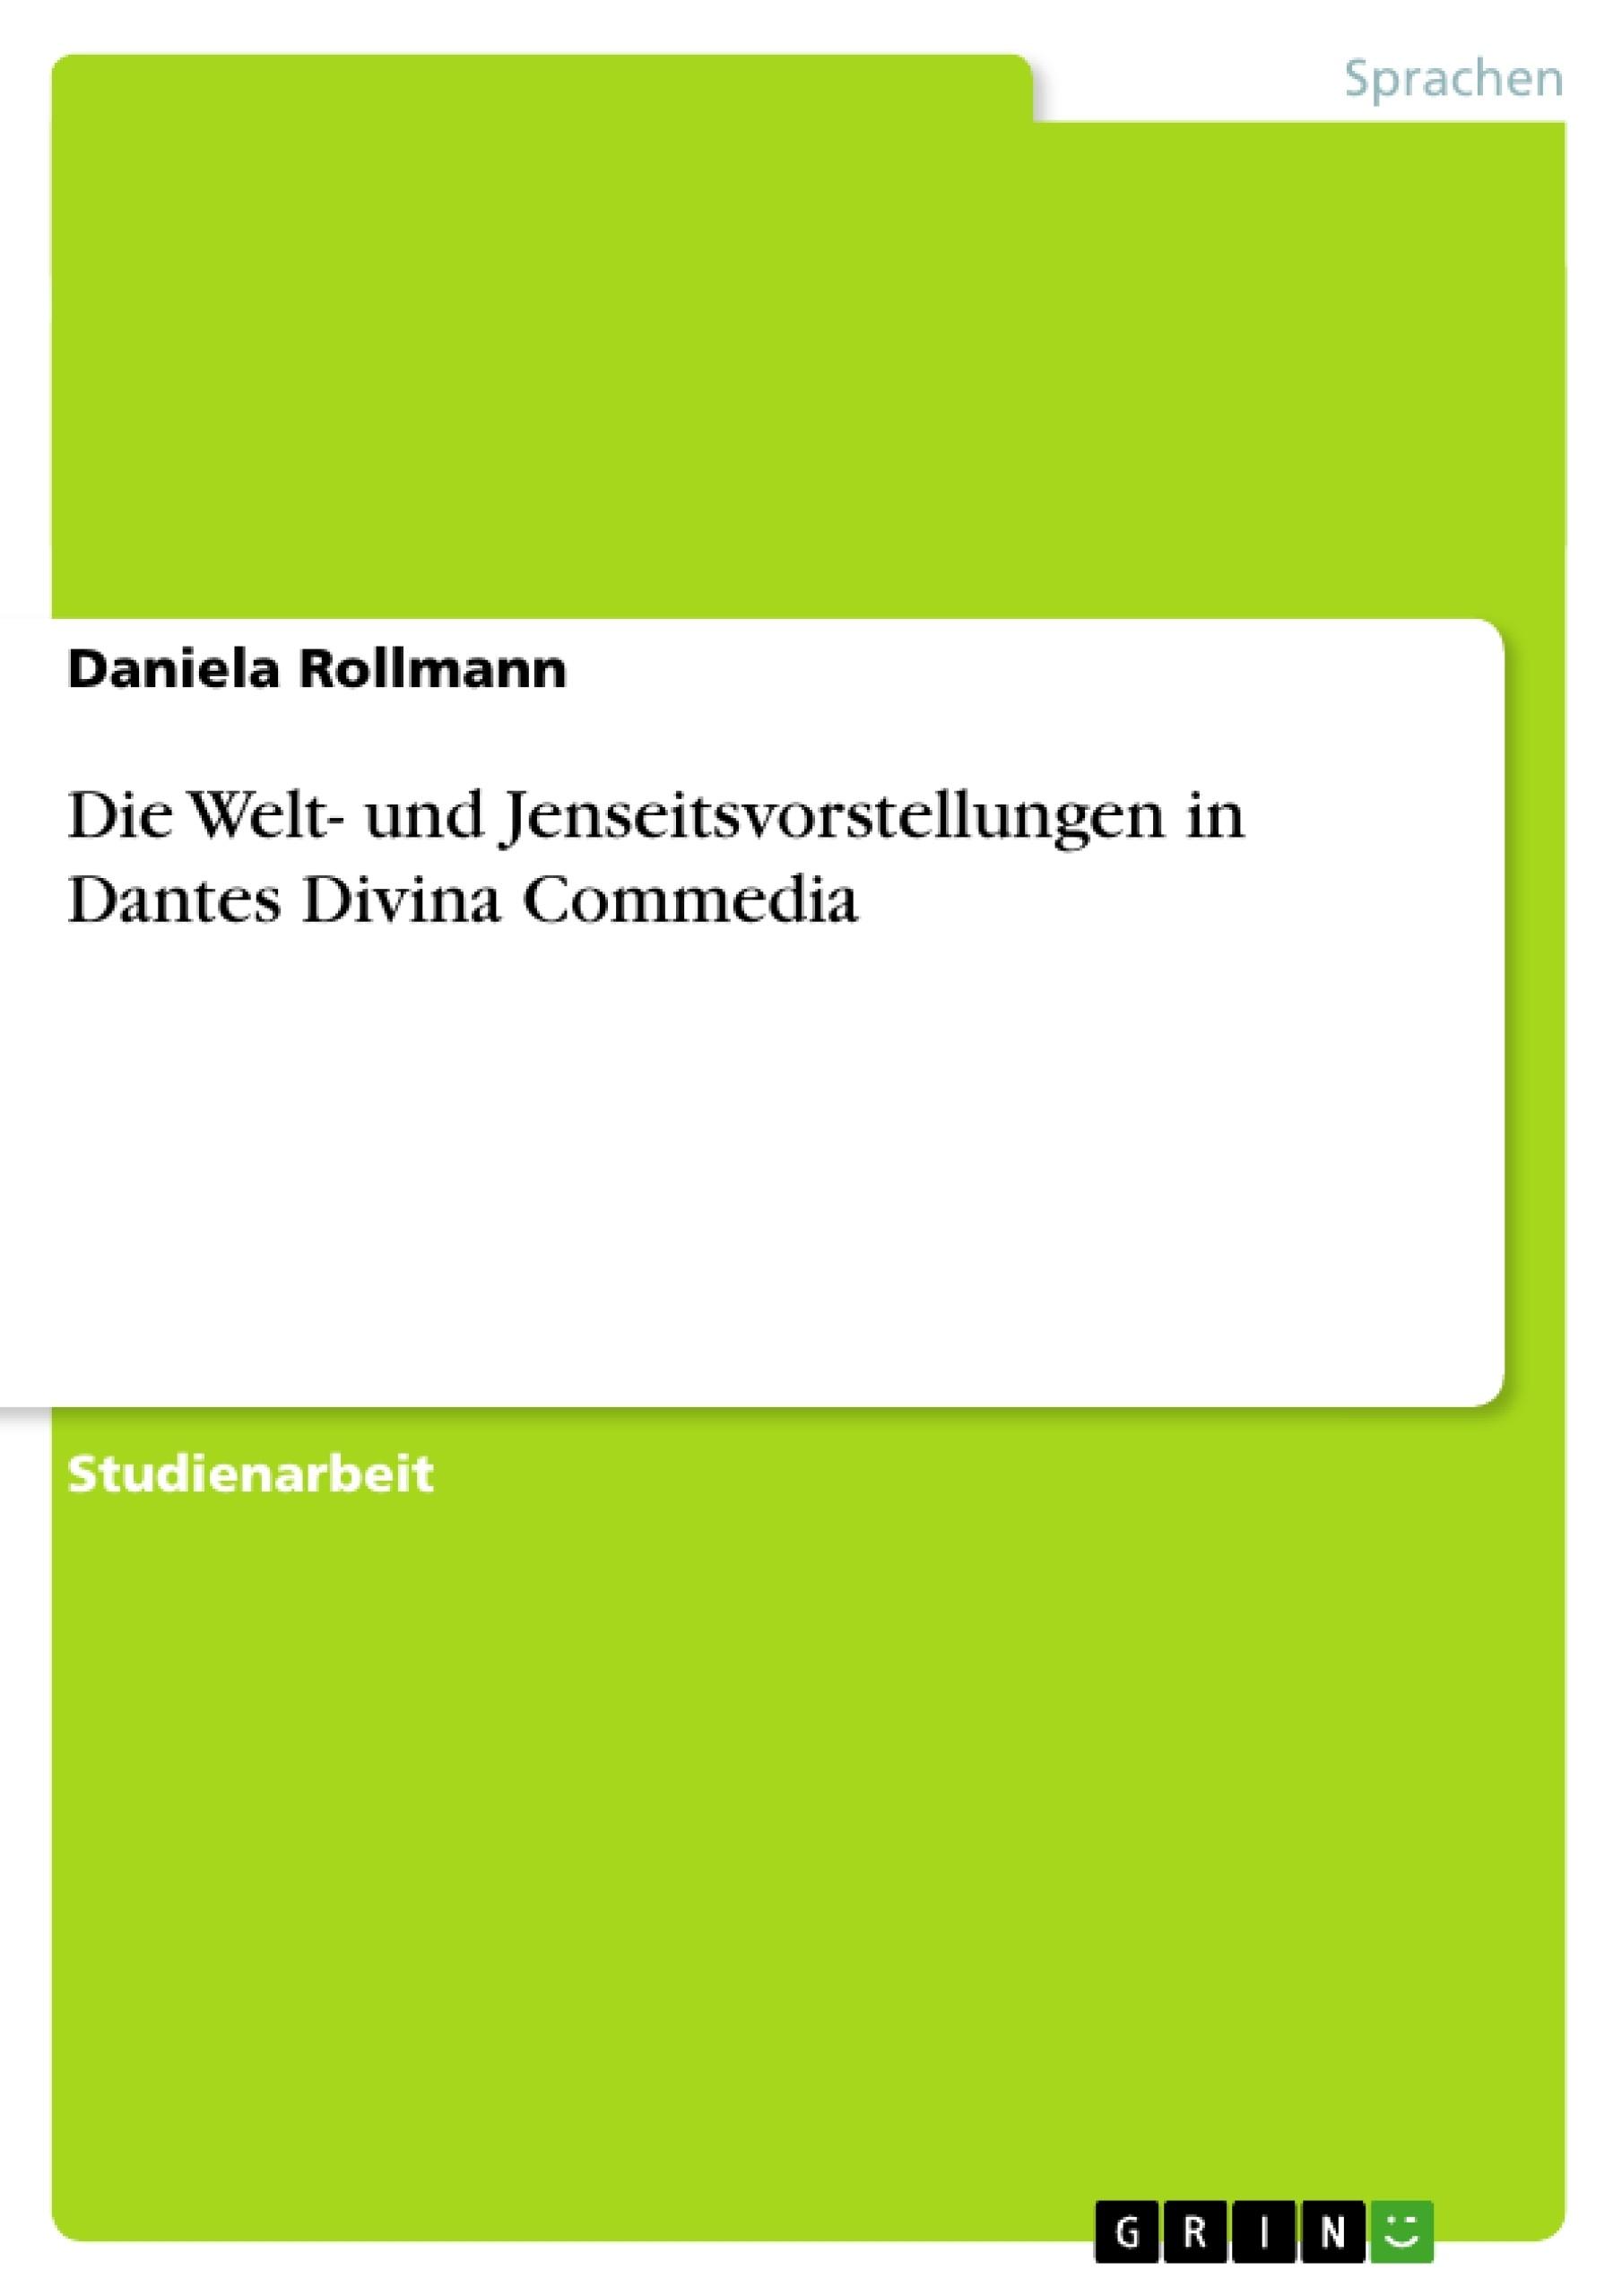 Titel: Die Welt- und Jenseitsvorstellungen in Dantes Divina Commedia